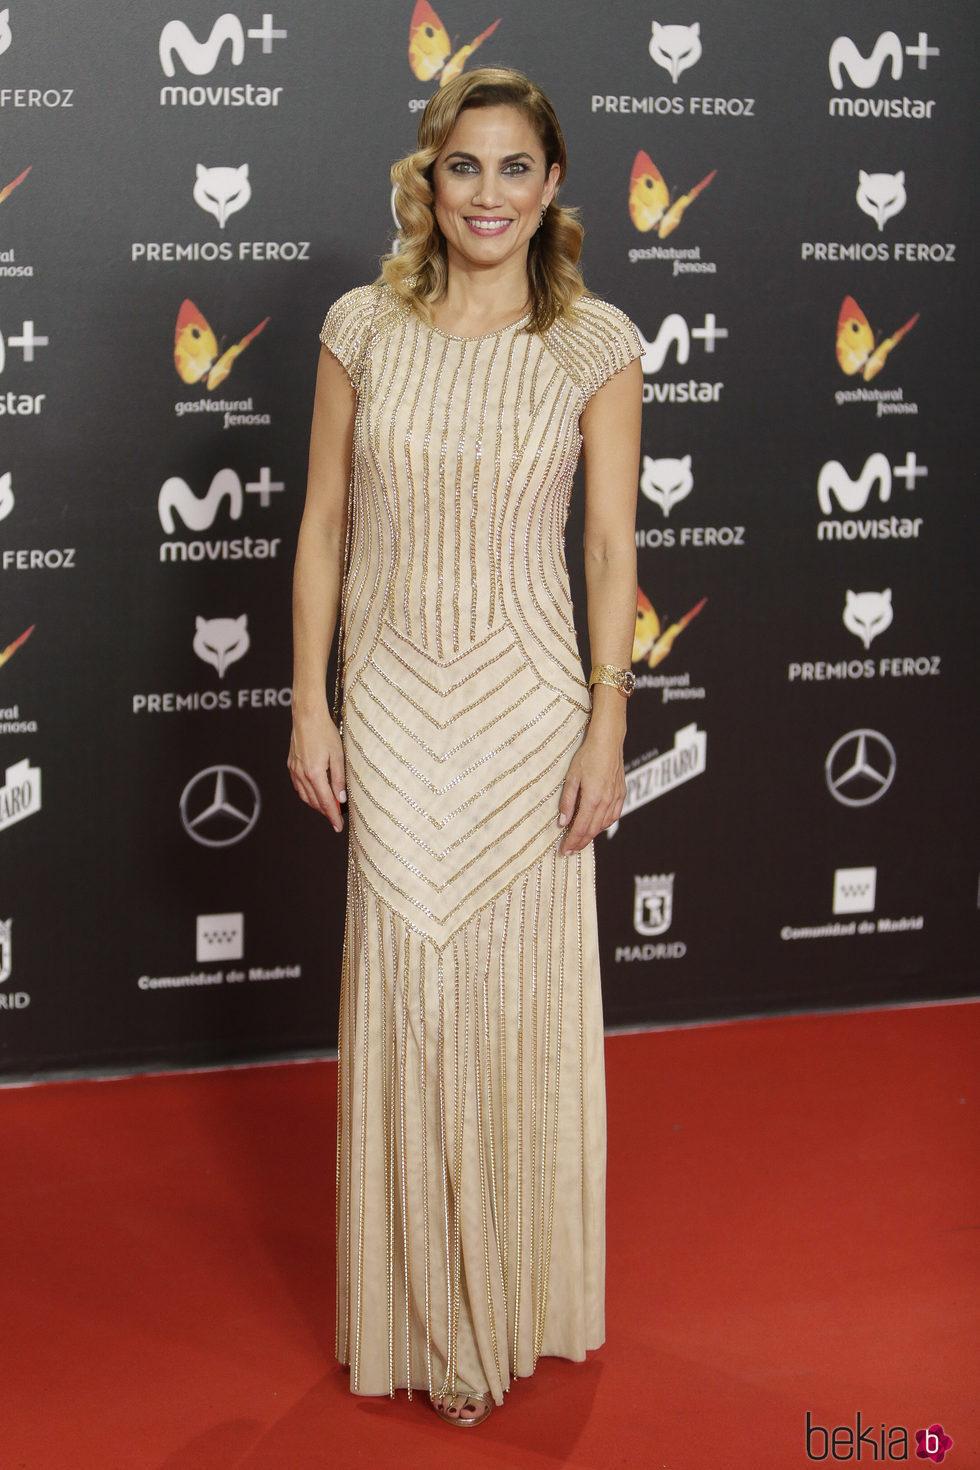 Toni Acosta en la alfombra roja de los Premios Feroz 2018